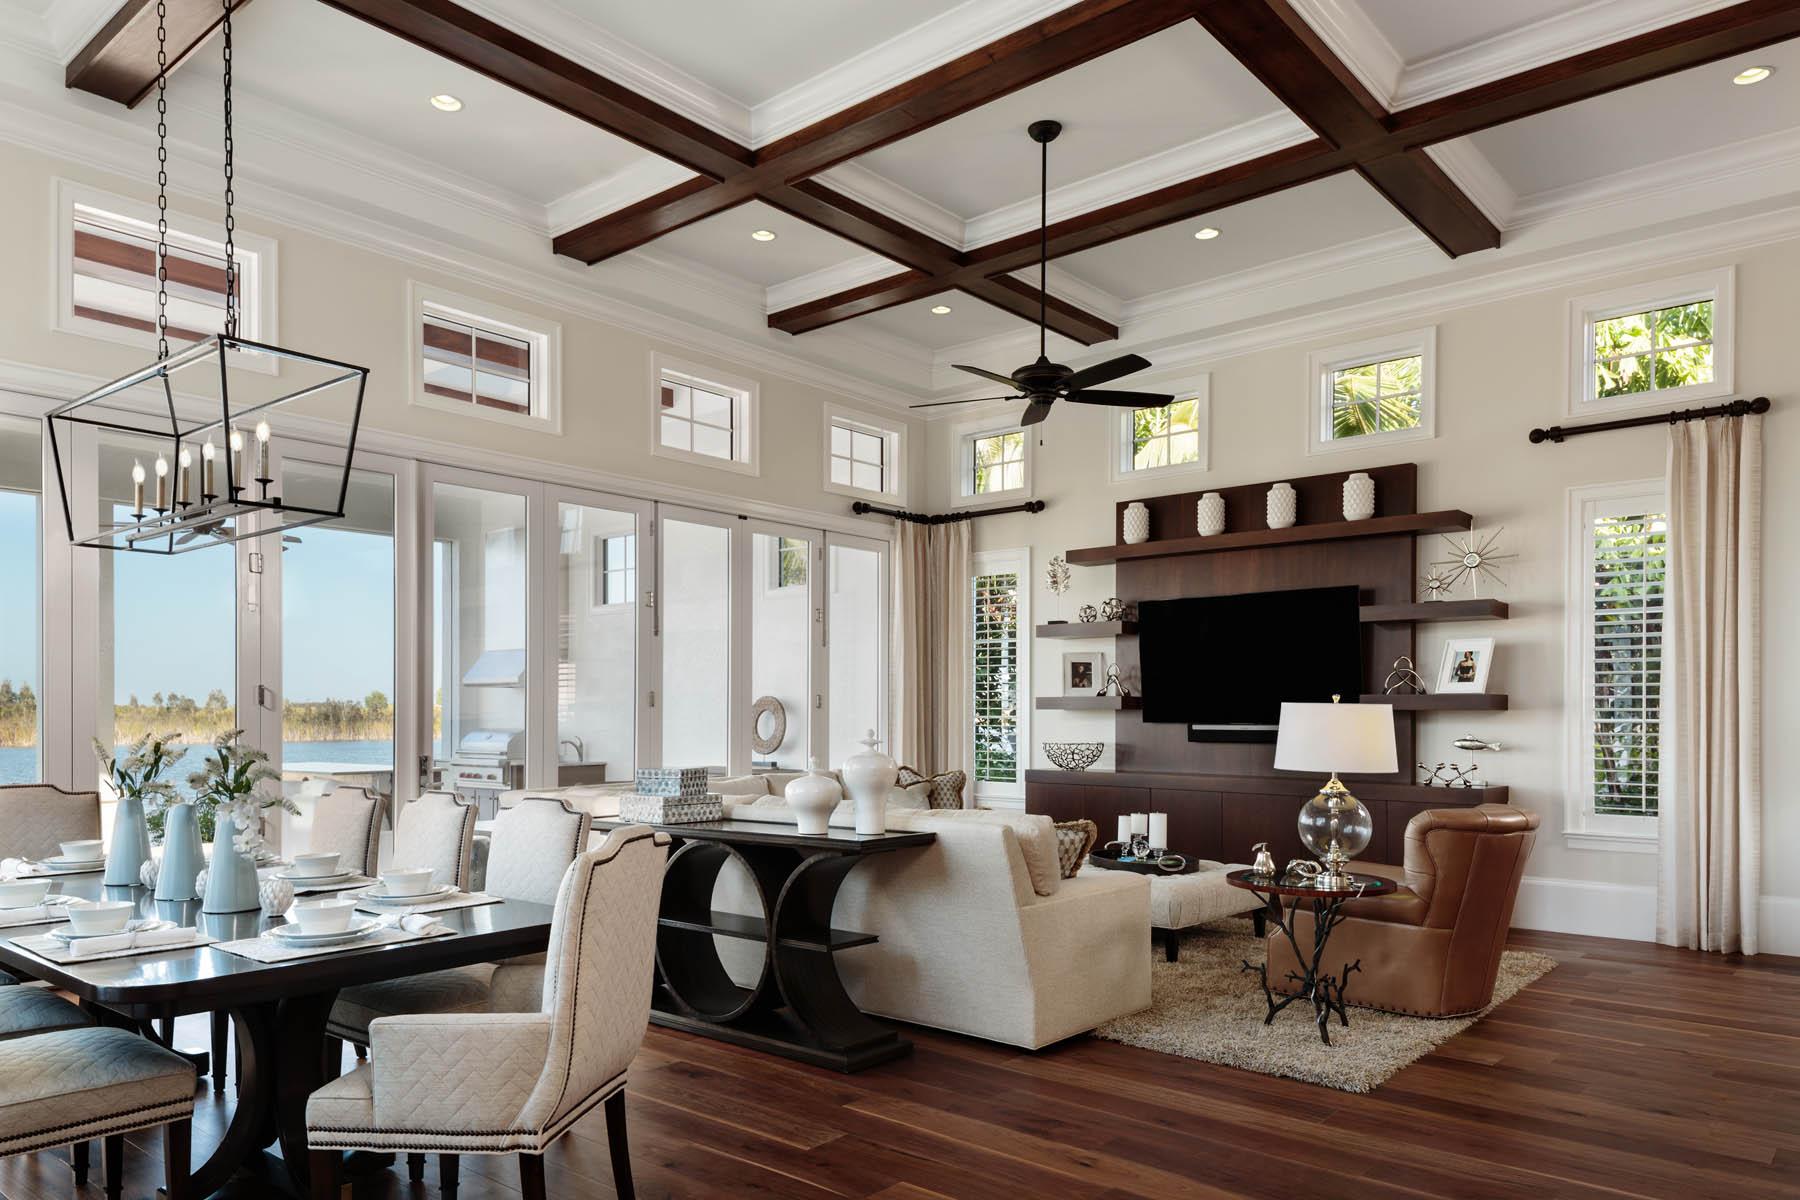 Naples Interior Design Bonita Springs Florida Freestyle